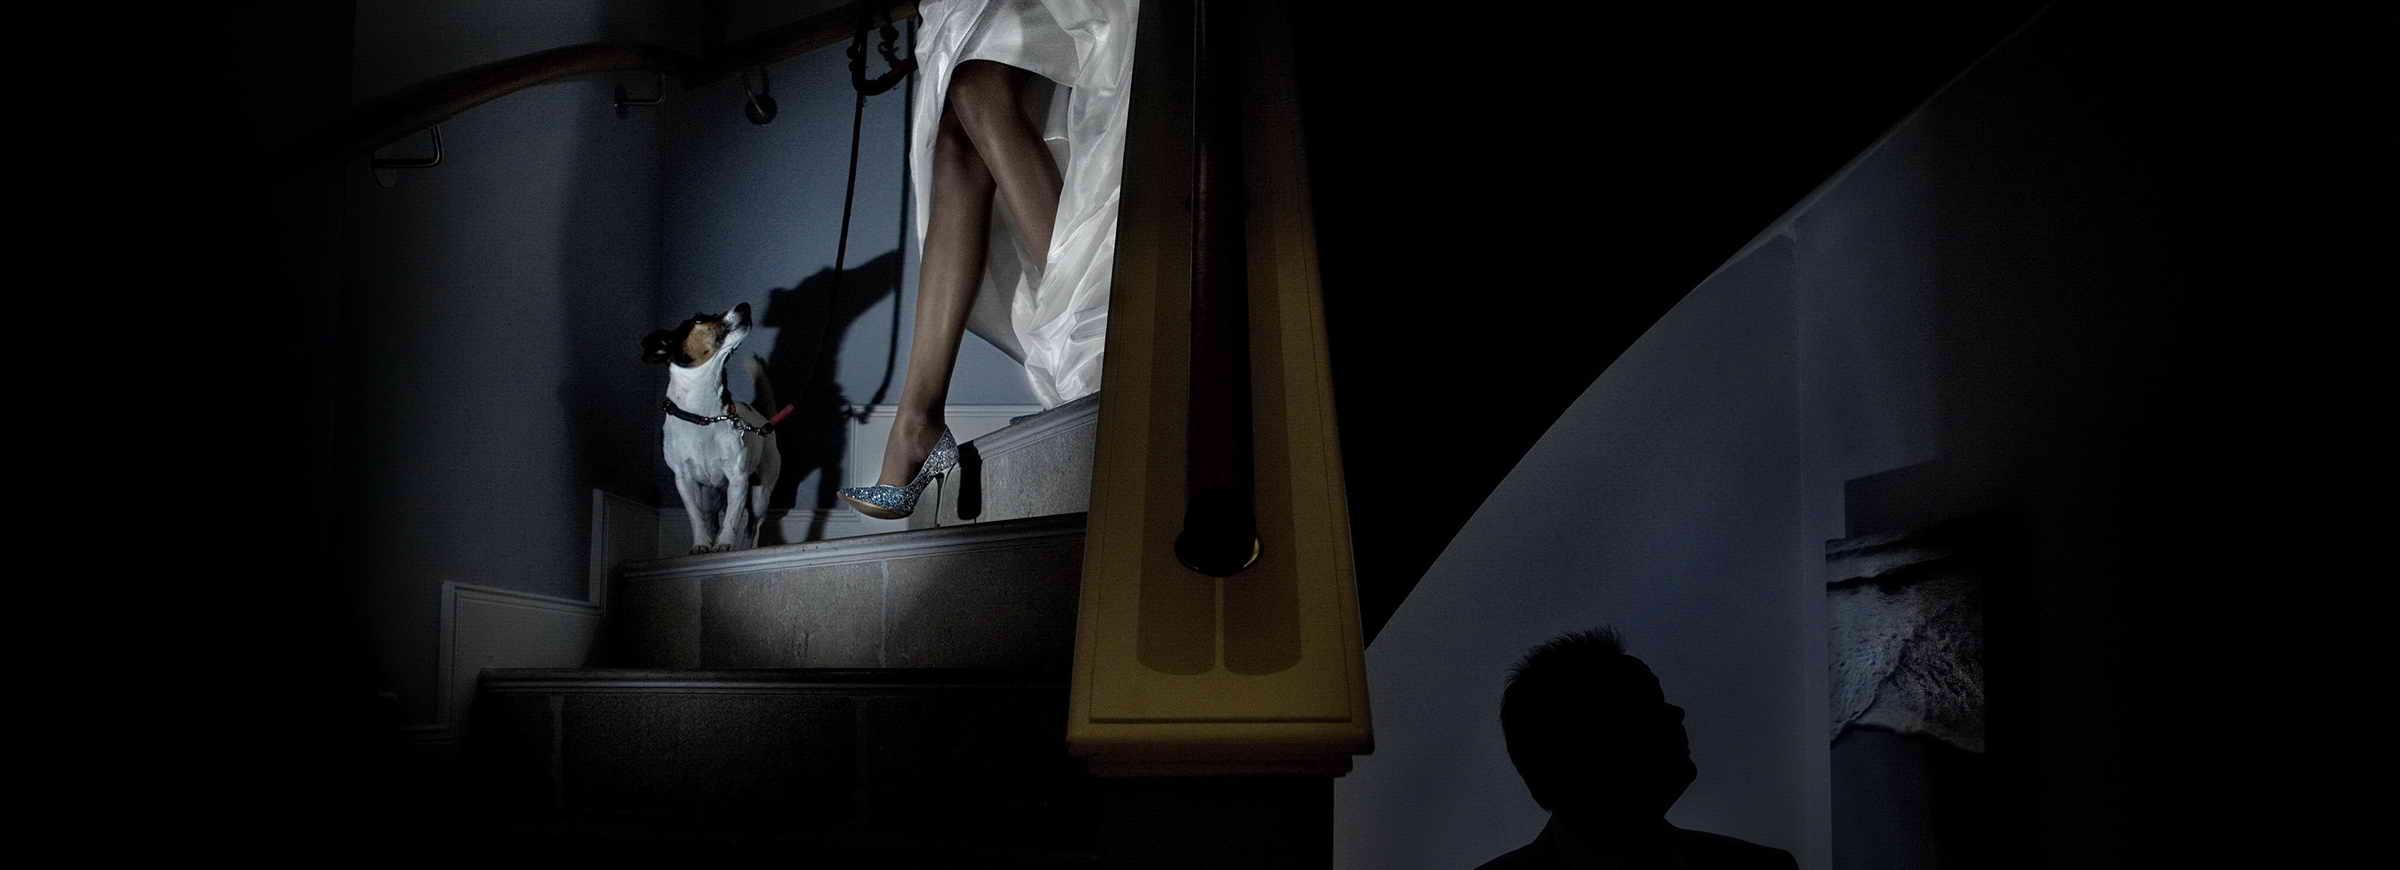 In einer Flur geht die Braut Treppe runter, ihr Hund ist dabei, der Bräutigam wartet unten auf sie. Von ihm sieht man nur die Silhouette.